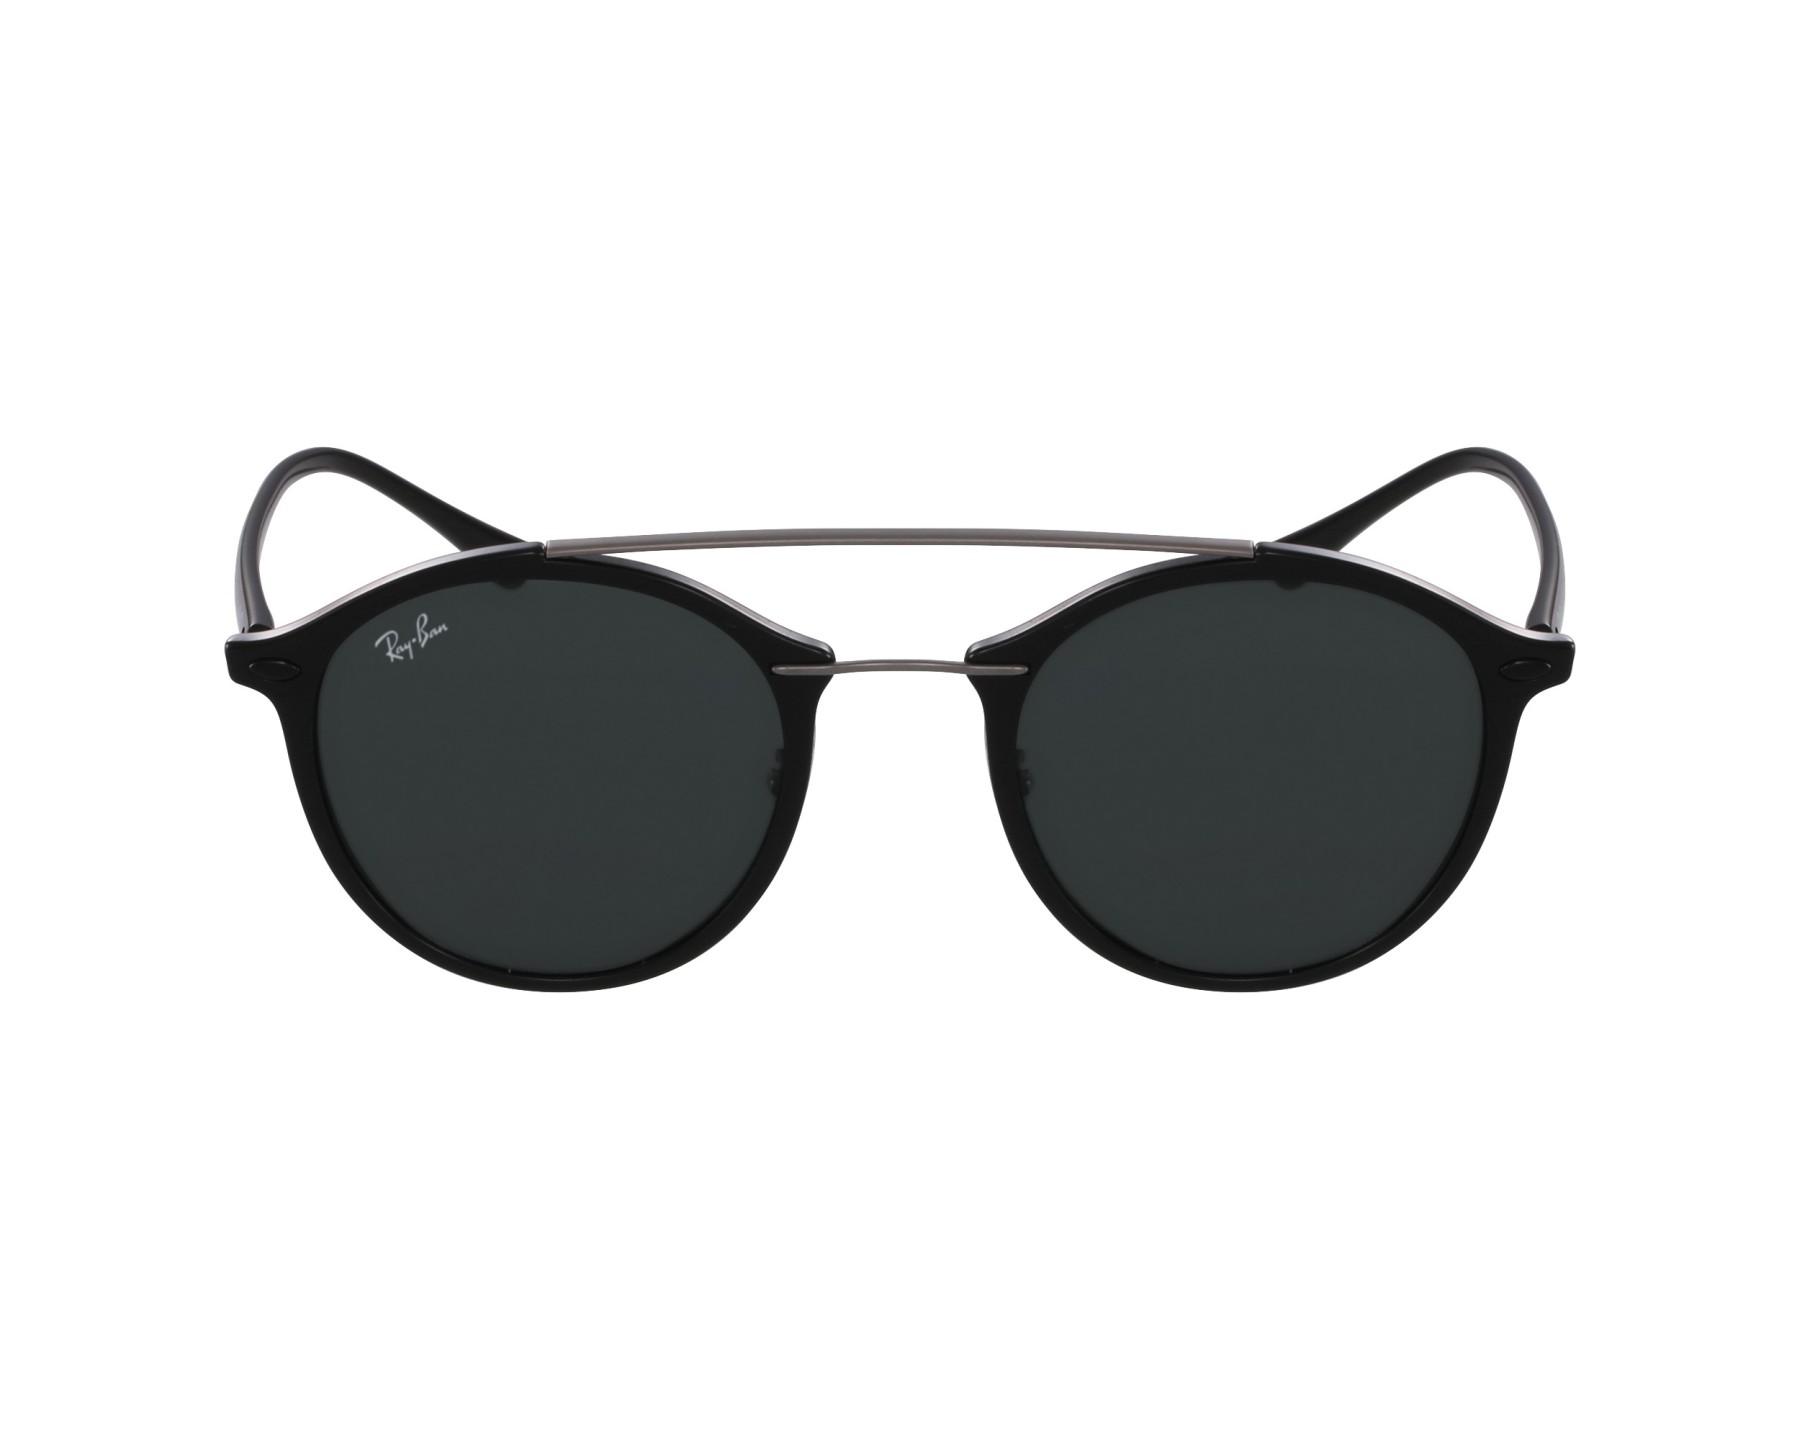 lunettes de soleil ray ban rb 4266 601 71 noir avec des verres vert pour mixte. Black Bedroom Furniture Sets. Home Design Ideas